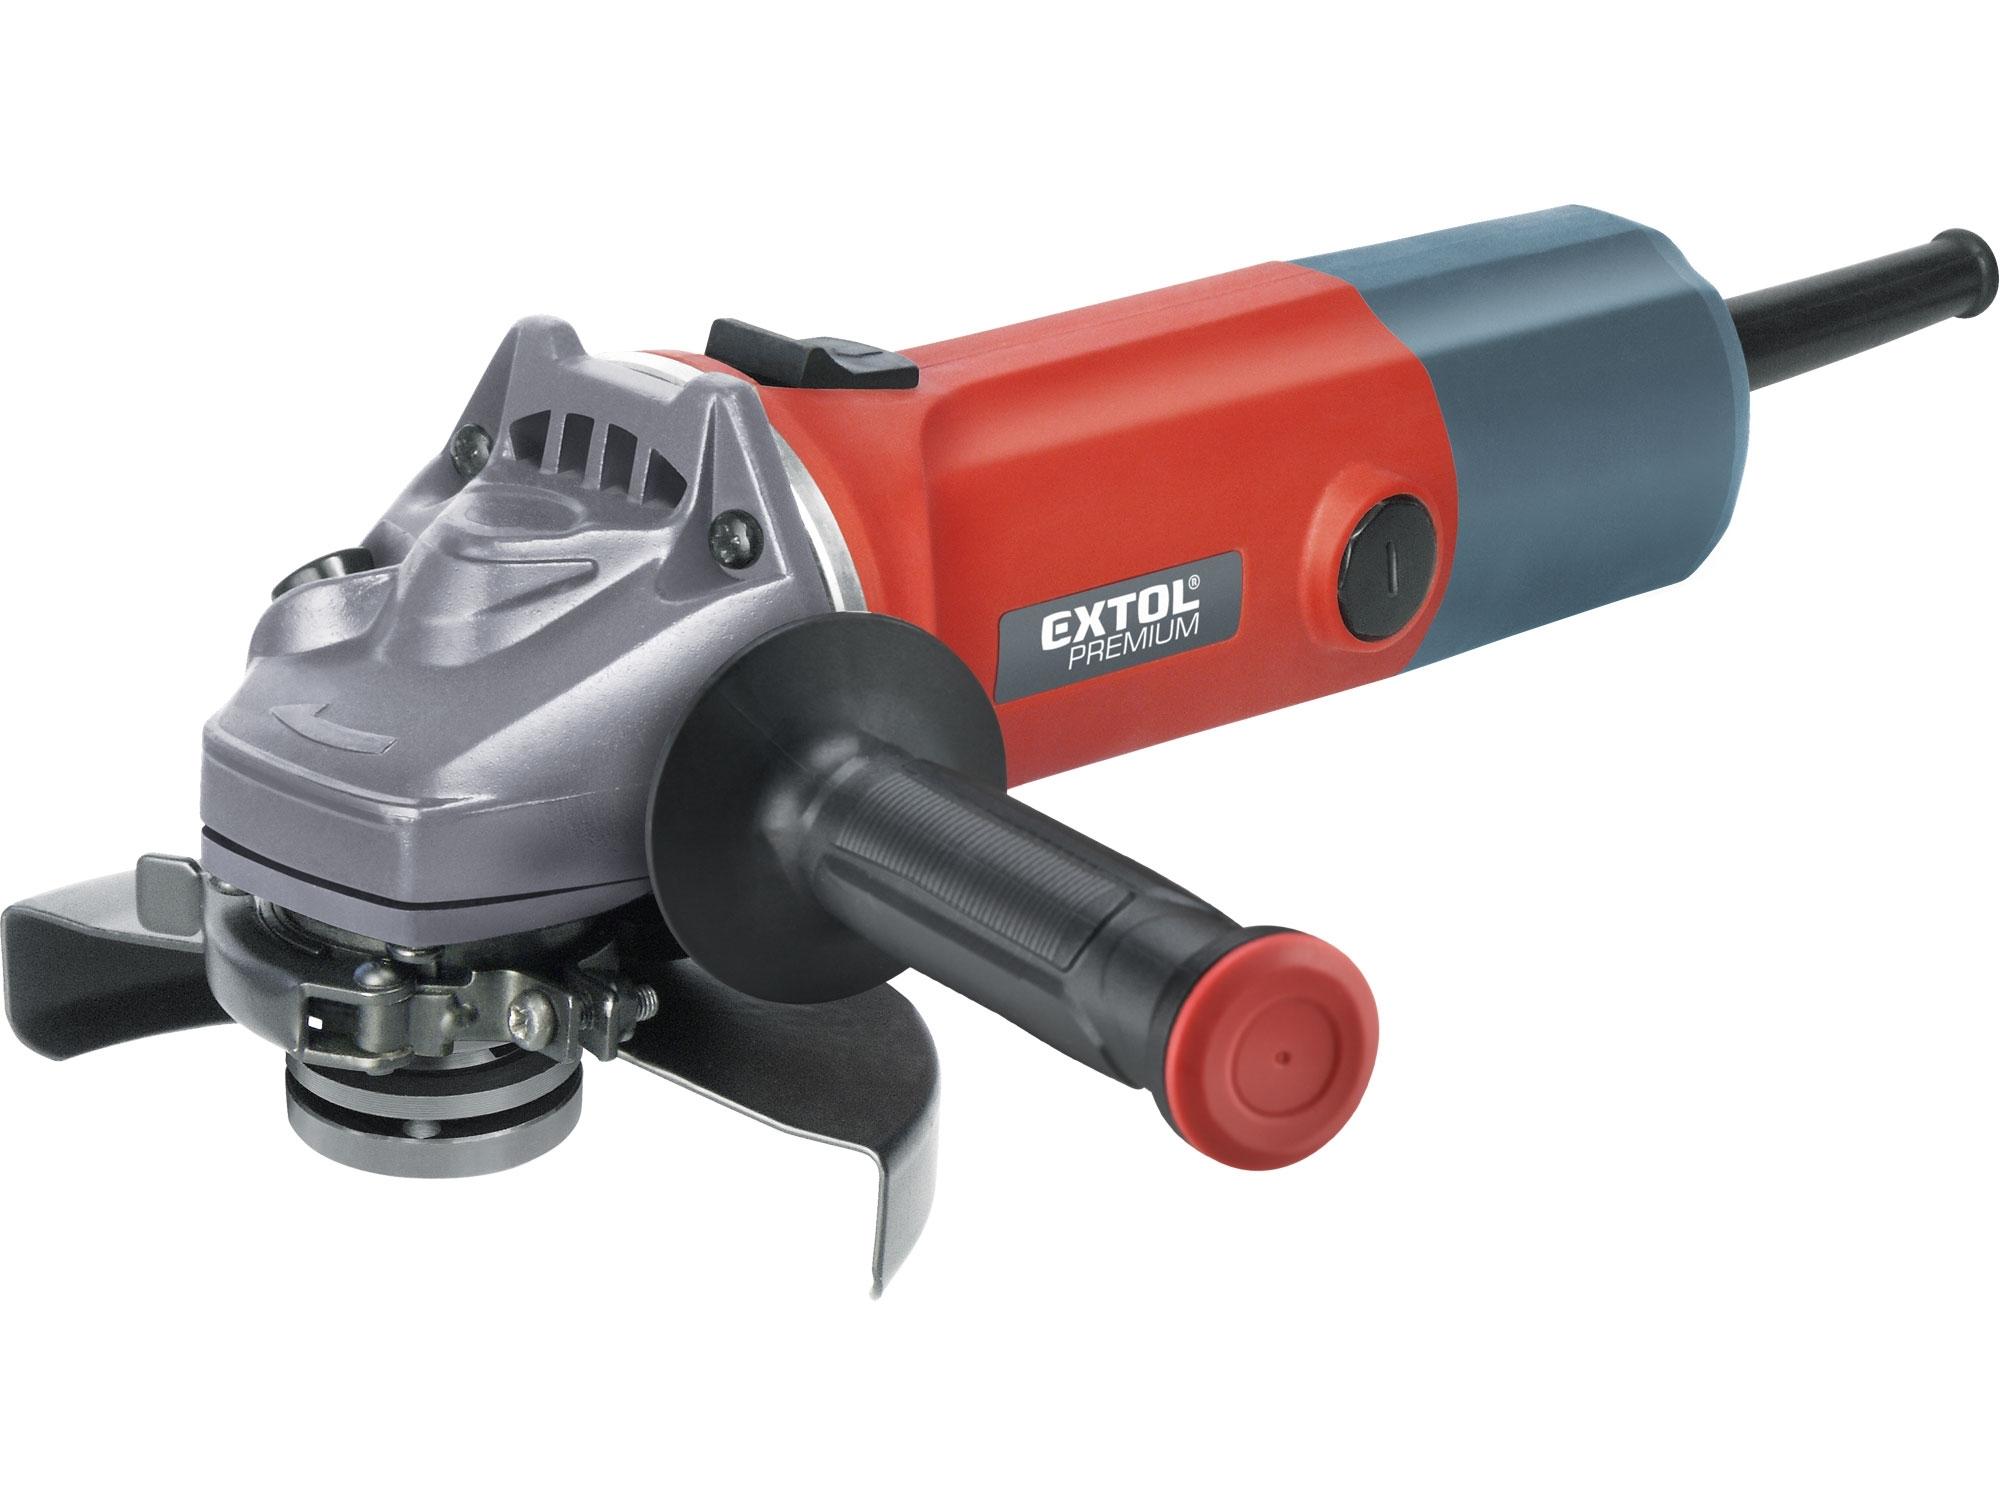 bruska úhlová, 125mm, 850W, EXTOL PREMIUM, AG 125 EP 8892013